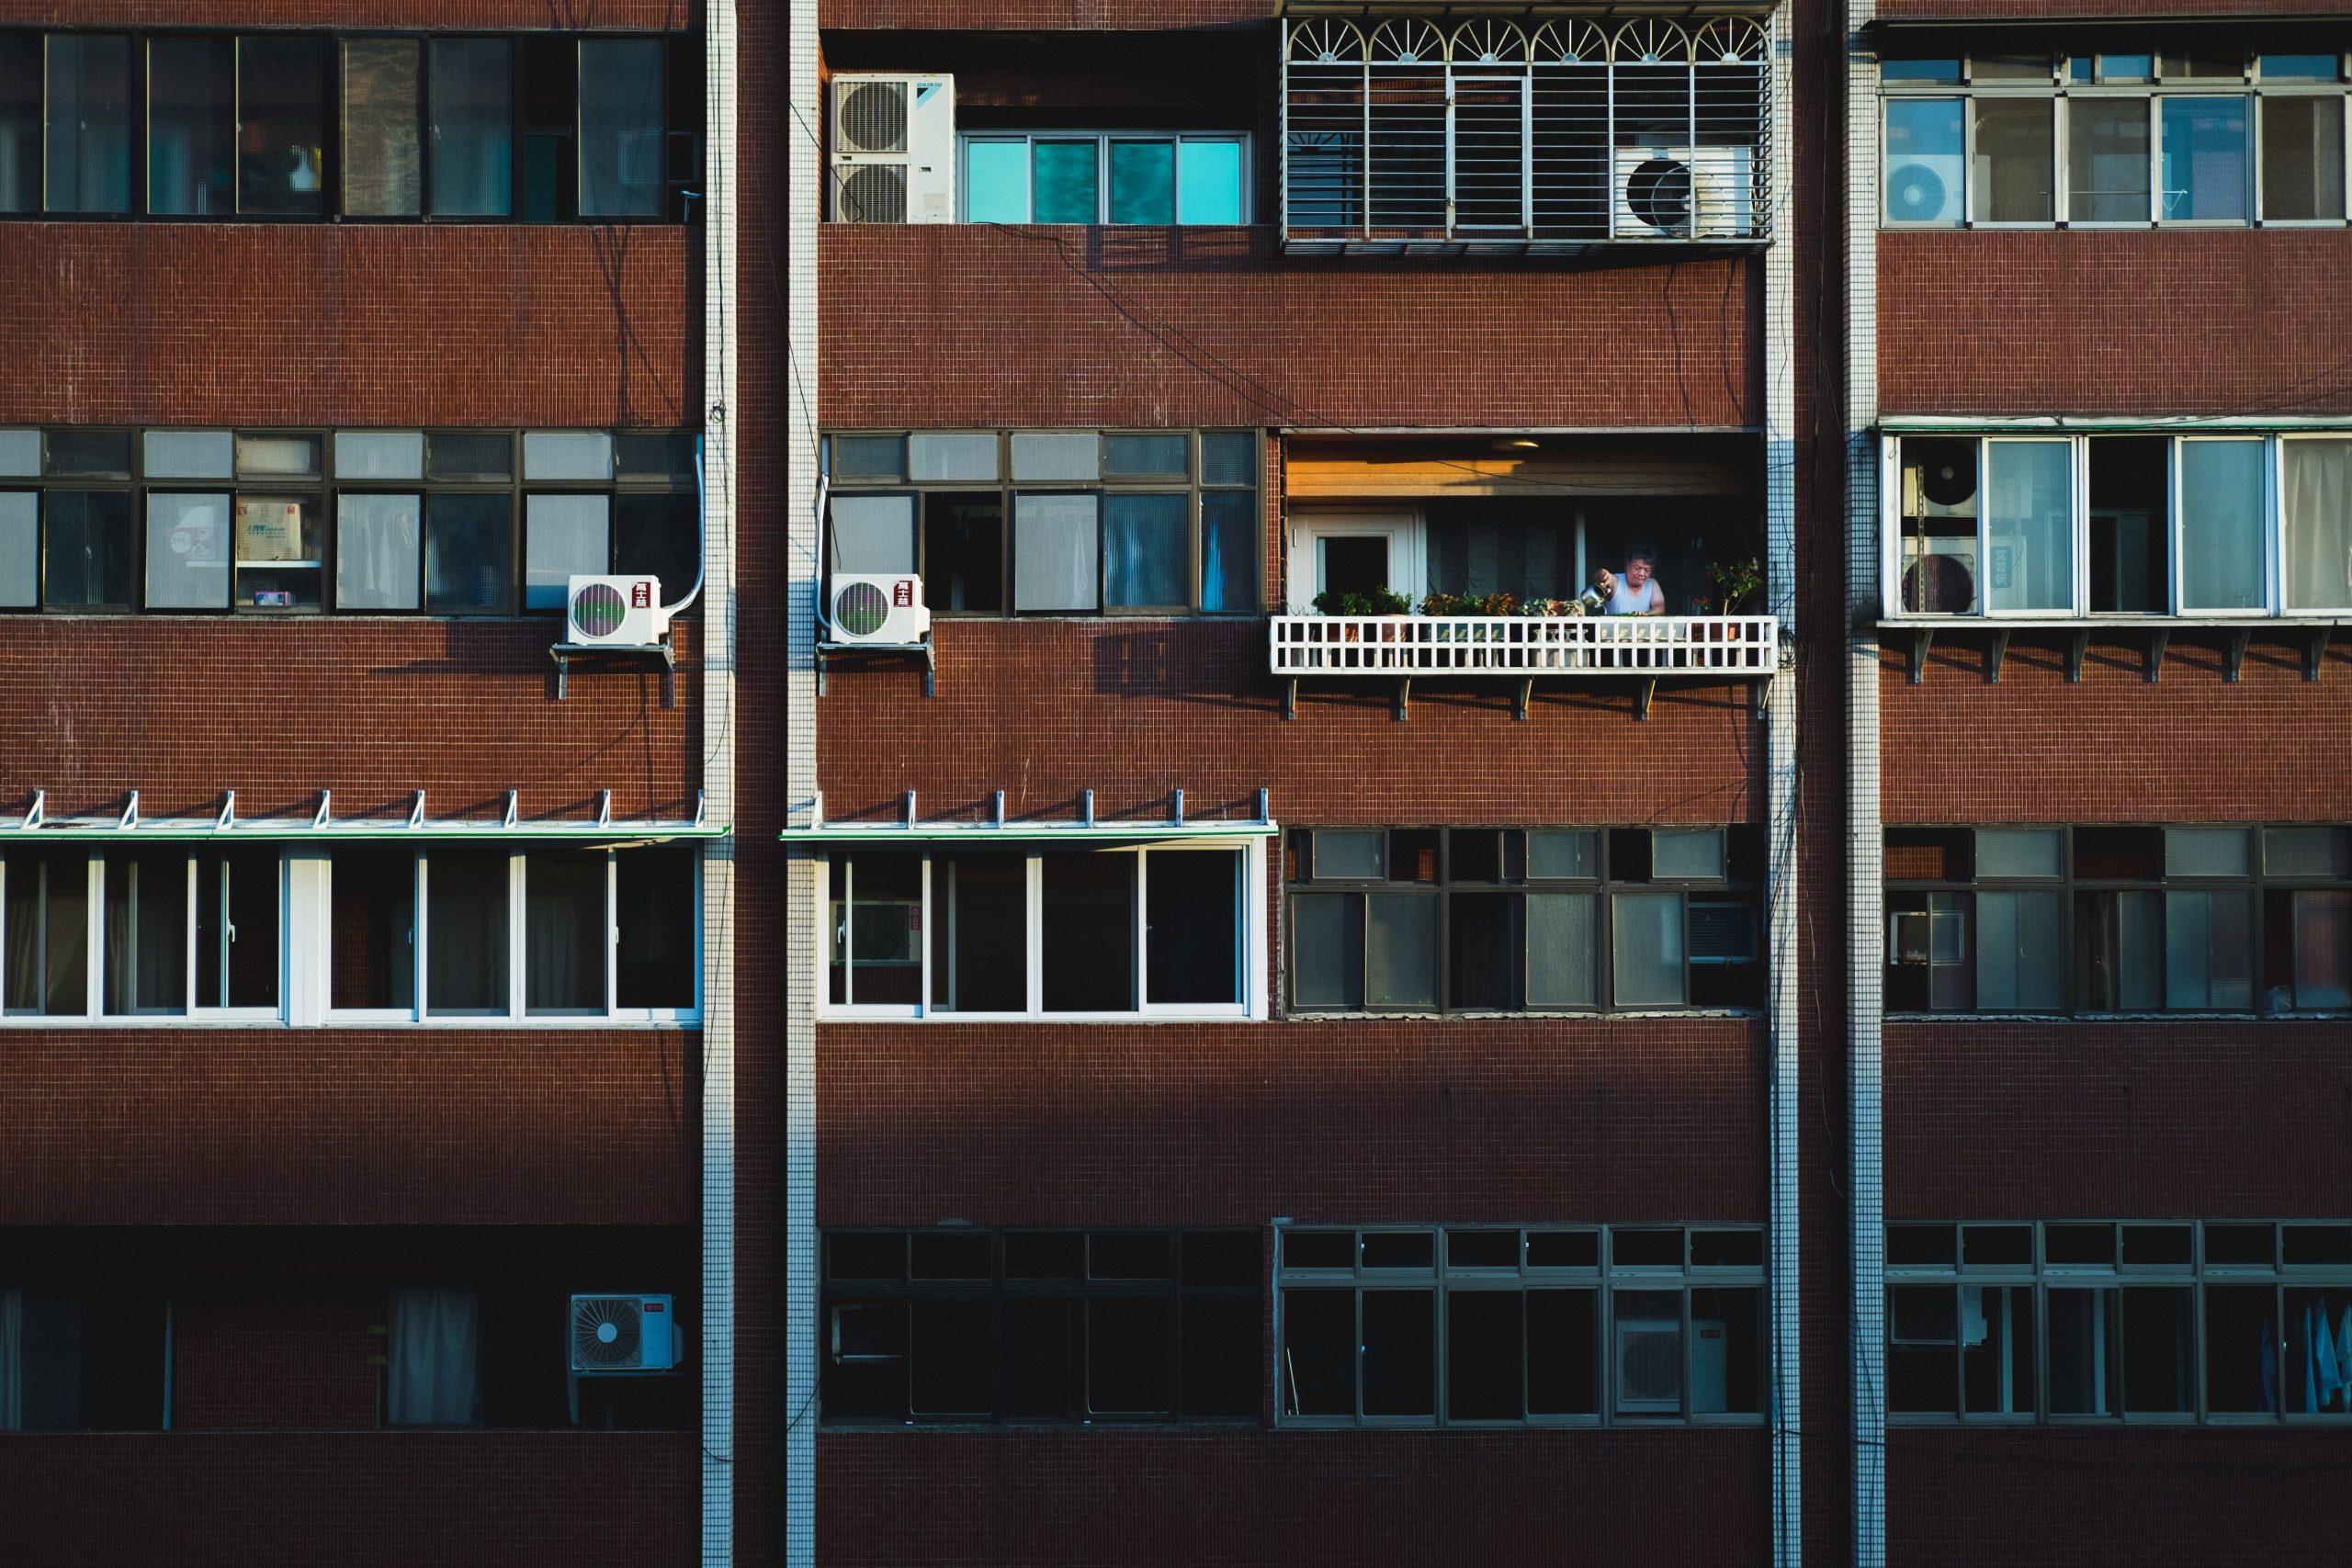 築40年のアパートで立ち退き交渉が発生!?問題解決をスムーズに行うポイントを解説